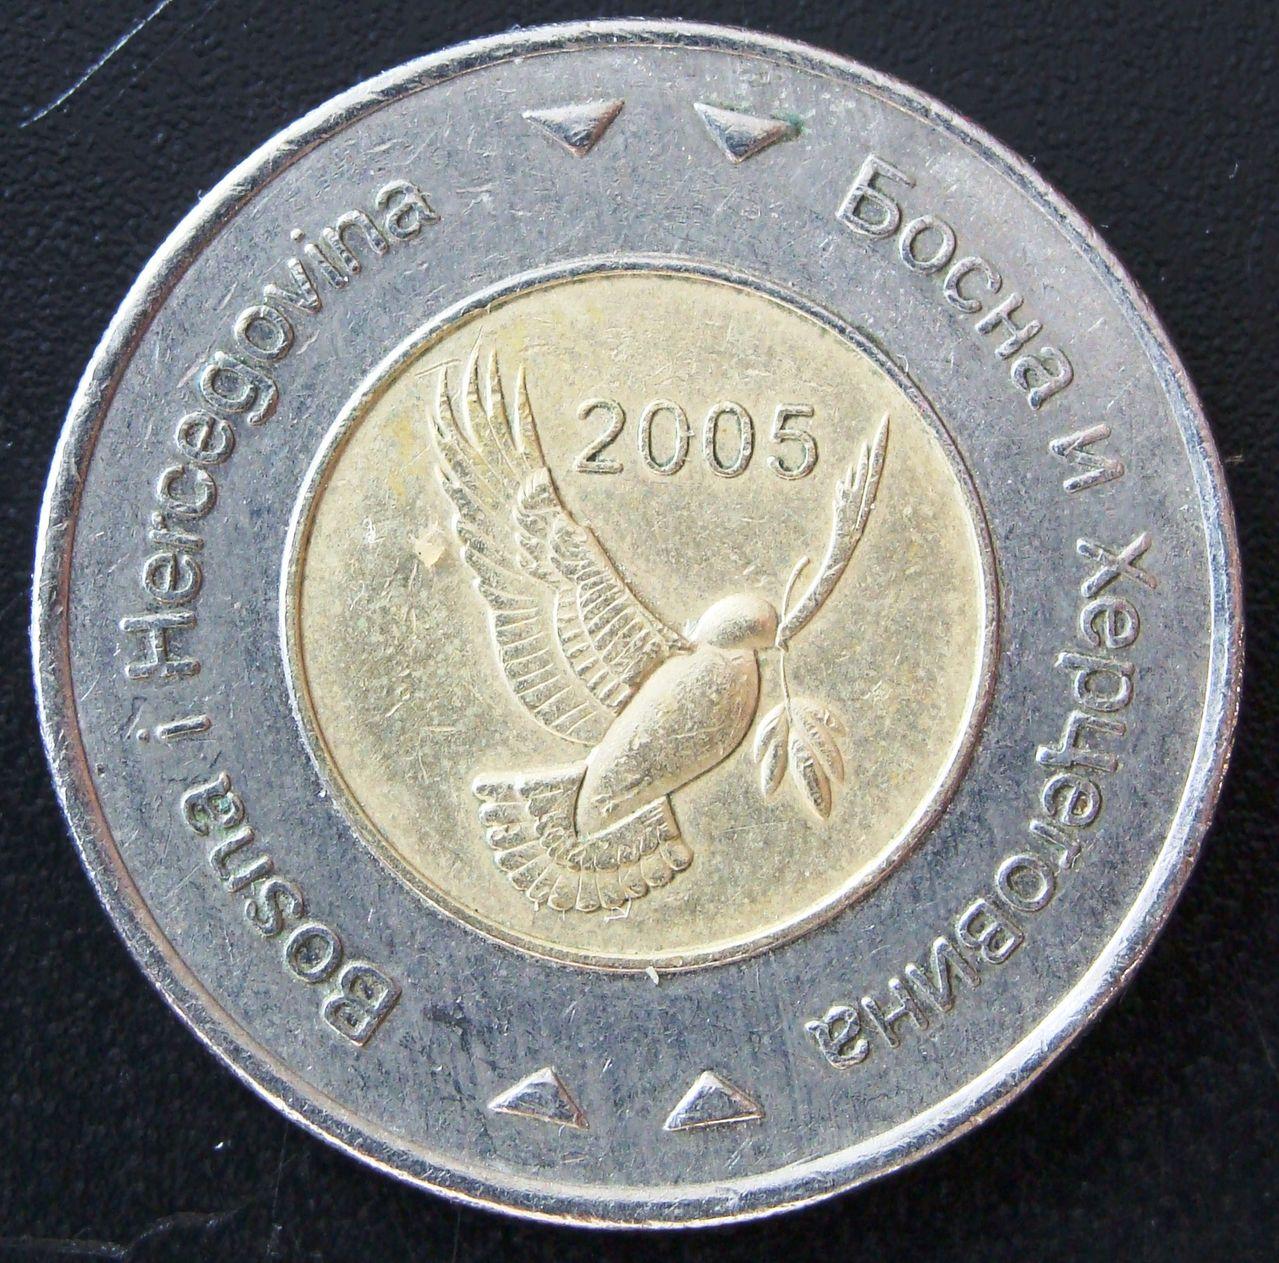 5 Marcos. Bosnia-Herzegovina (2005) BIH_5_Marcos_2005_anv